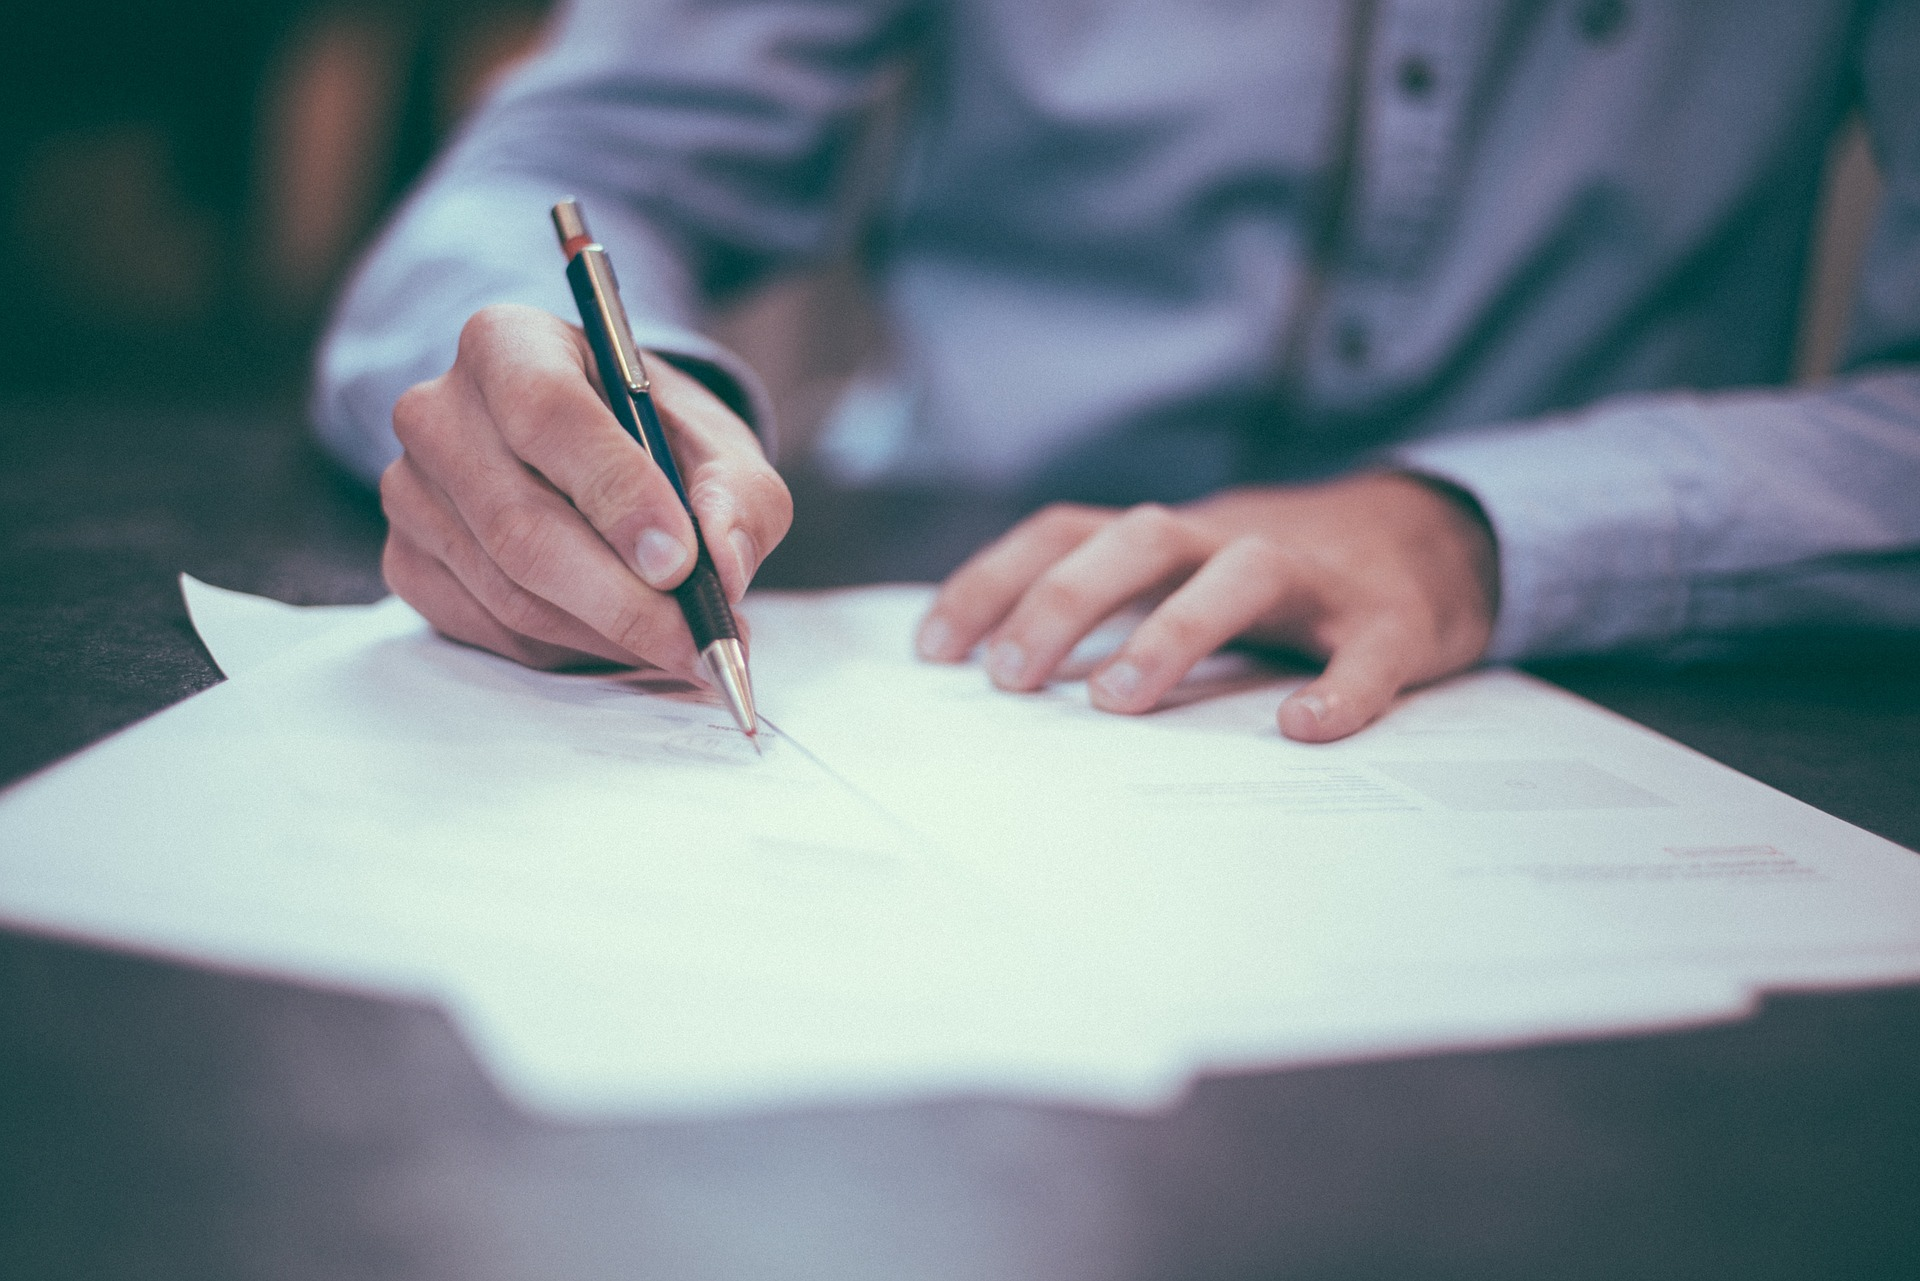 Agente literario para escritores noveles: ¿Merece la pena? ¿Cómo conseguirlo?